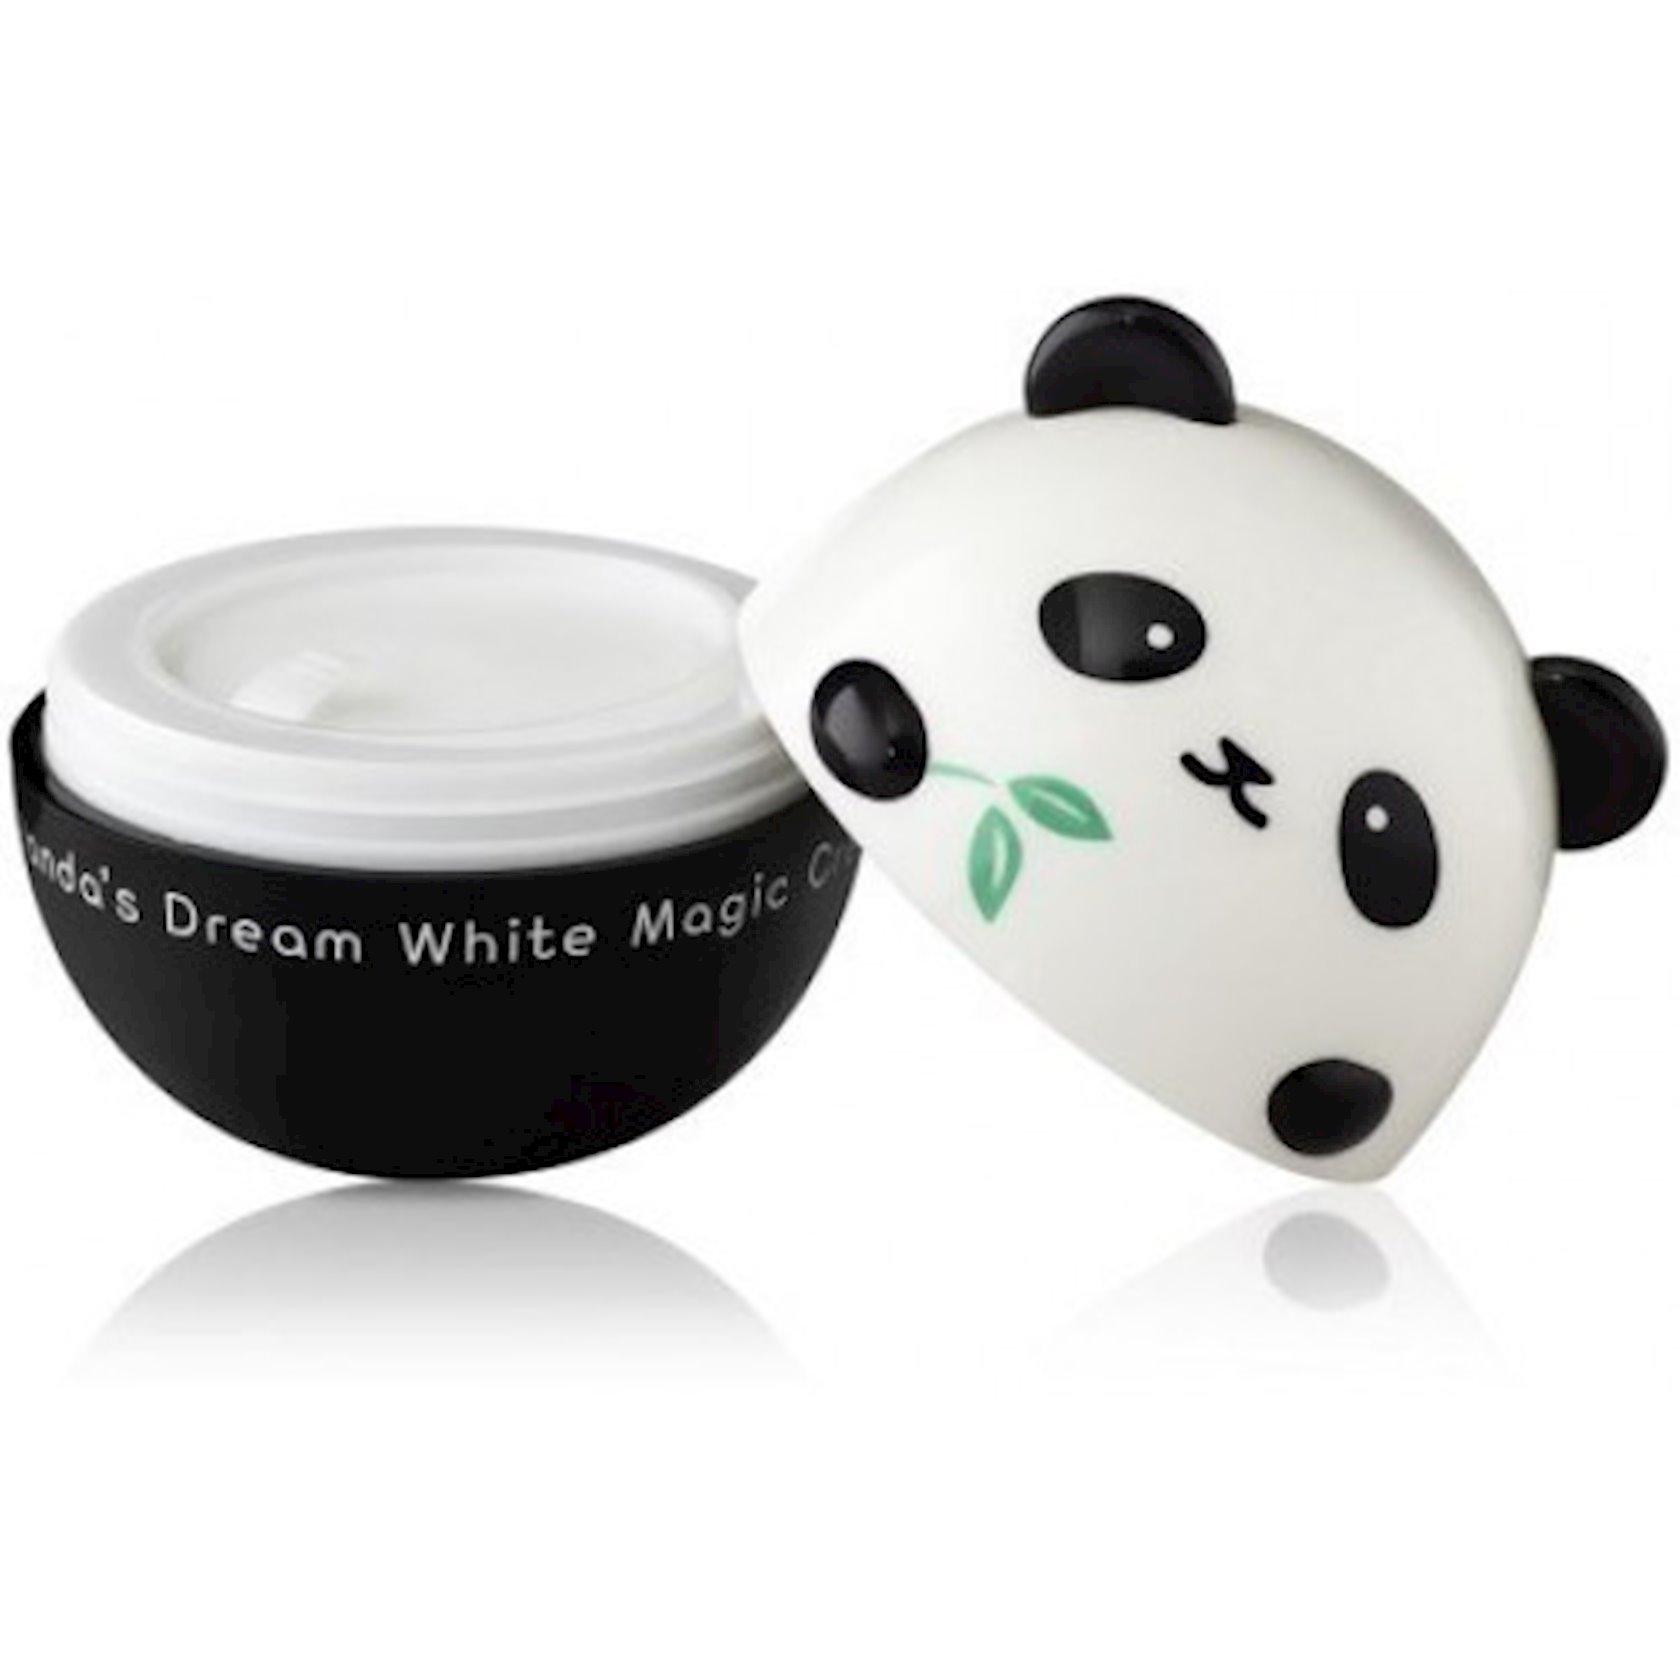 Üz üçün ağardıcı krem Tony Moly Pandas Dream White Magic Cream 50 q